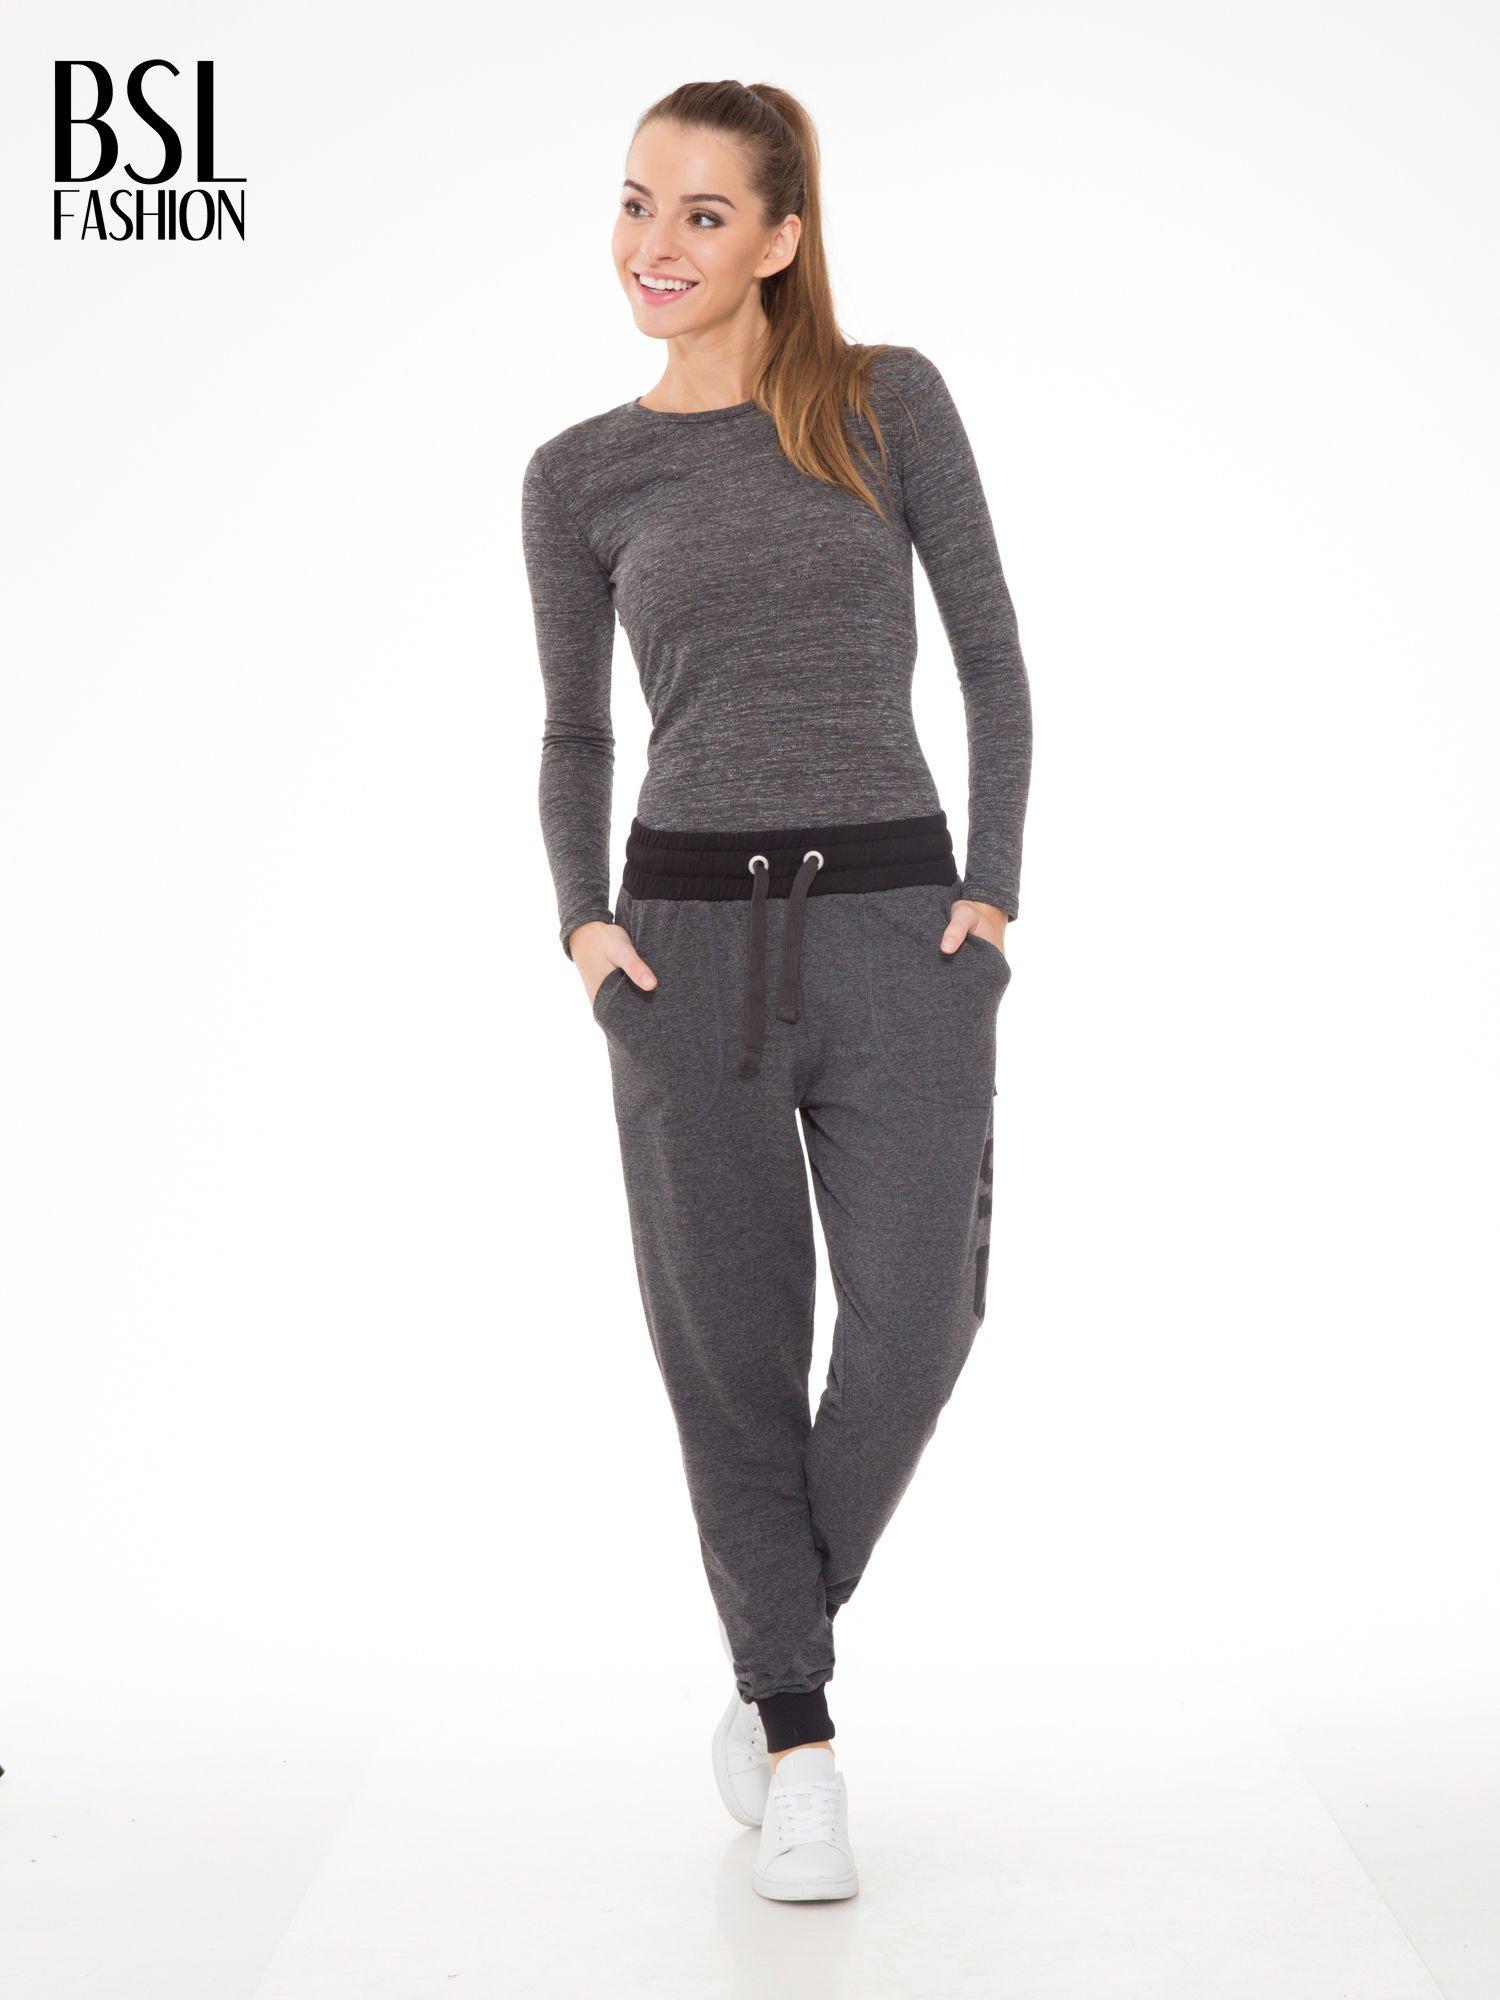 Grafitowe spodnie dresowe z nadrukiem SUGAR po boku nogawki                                  zdj.                                  2